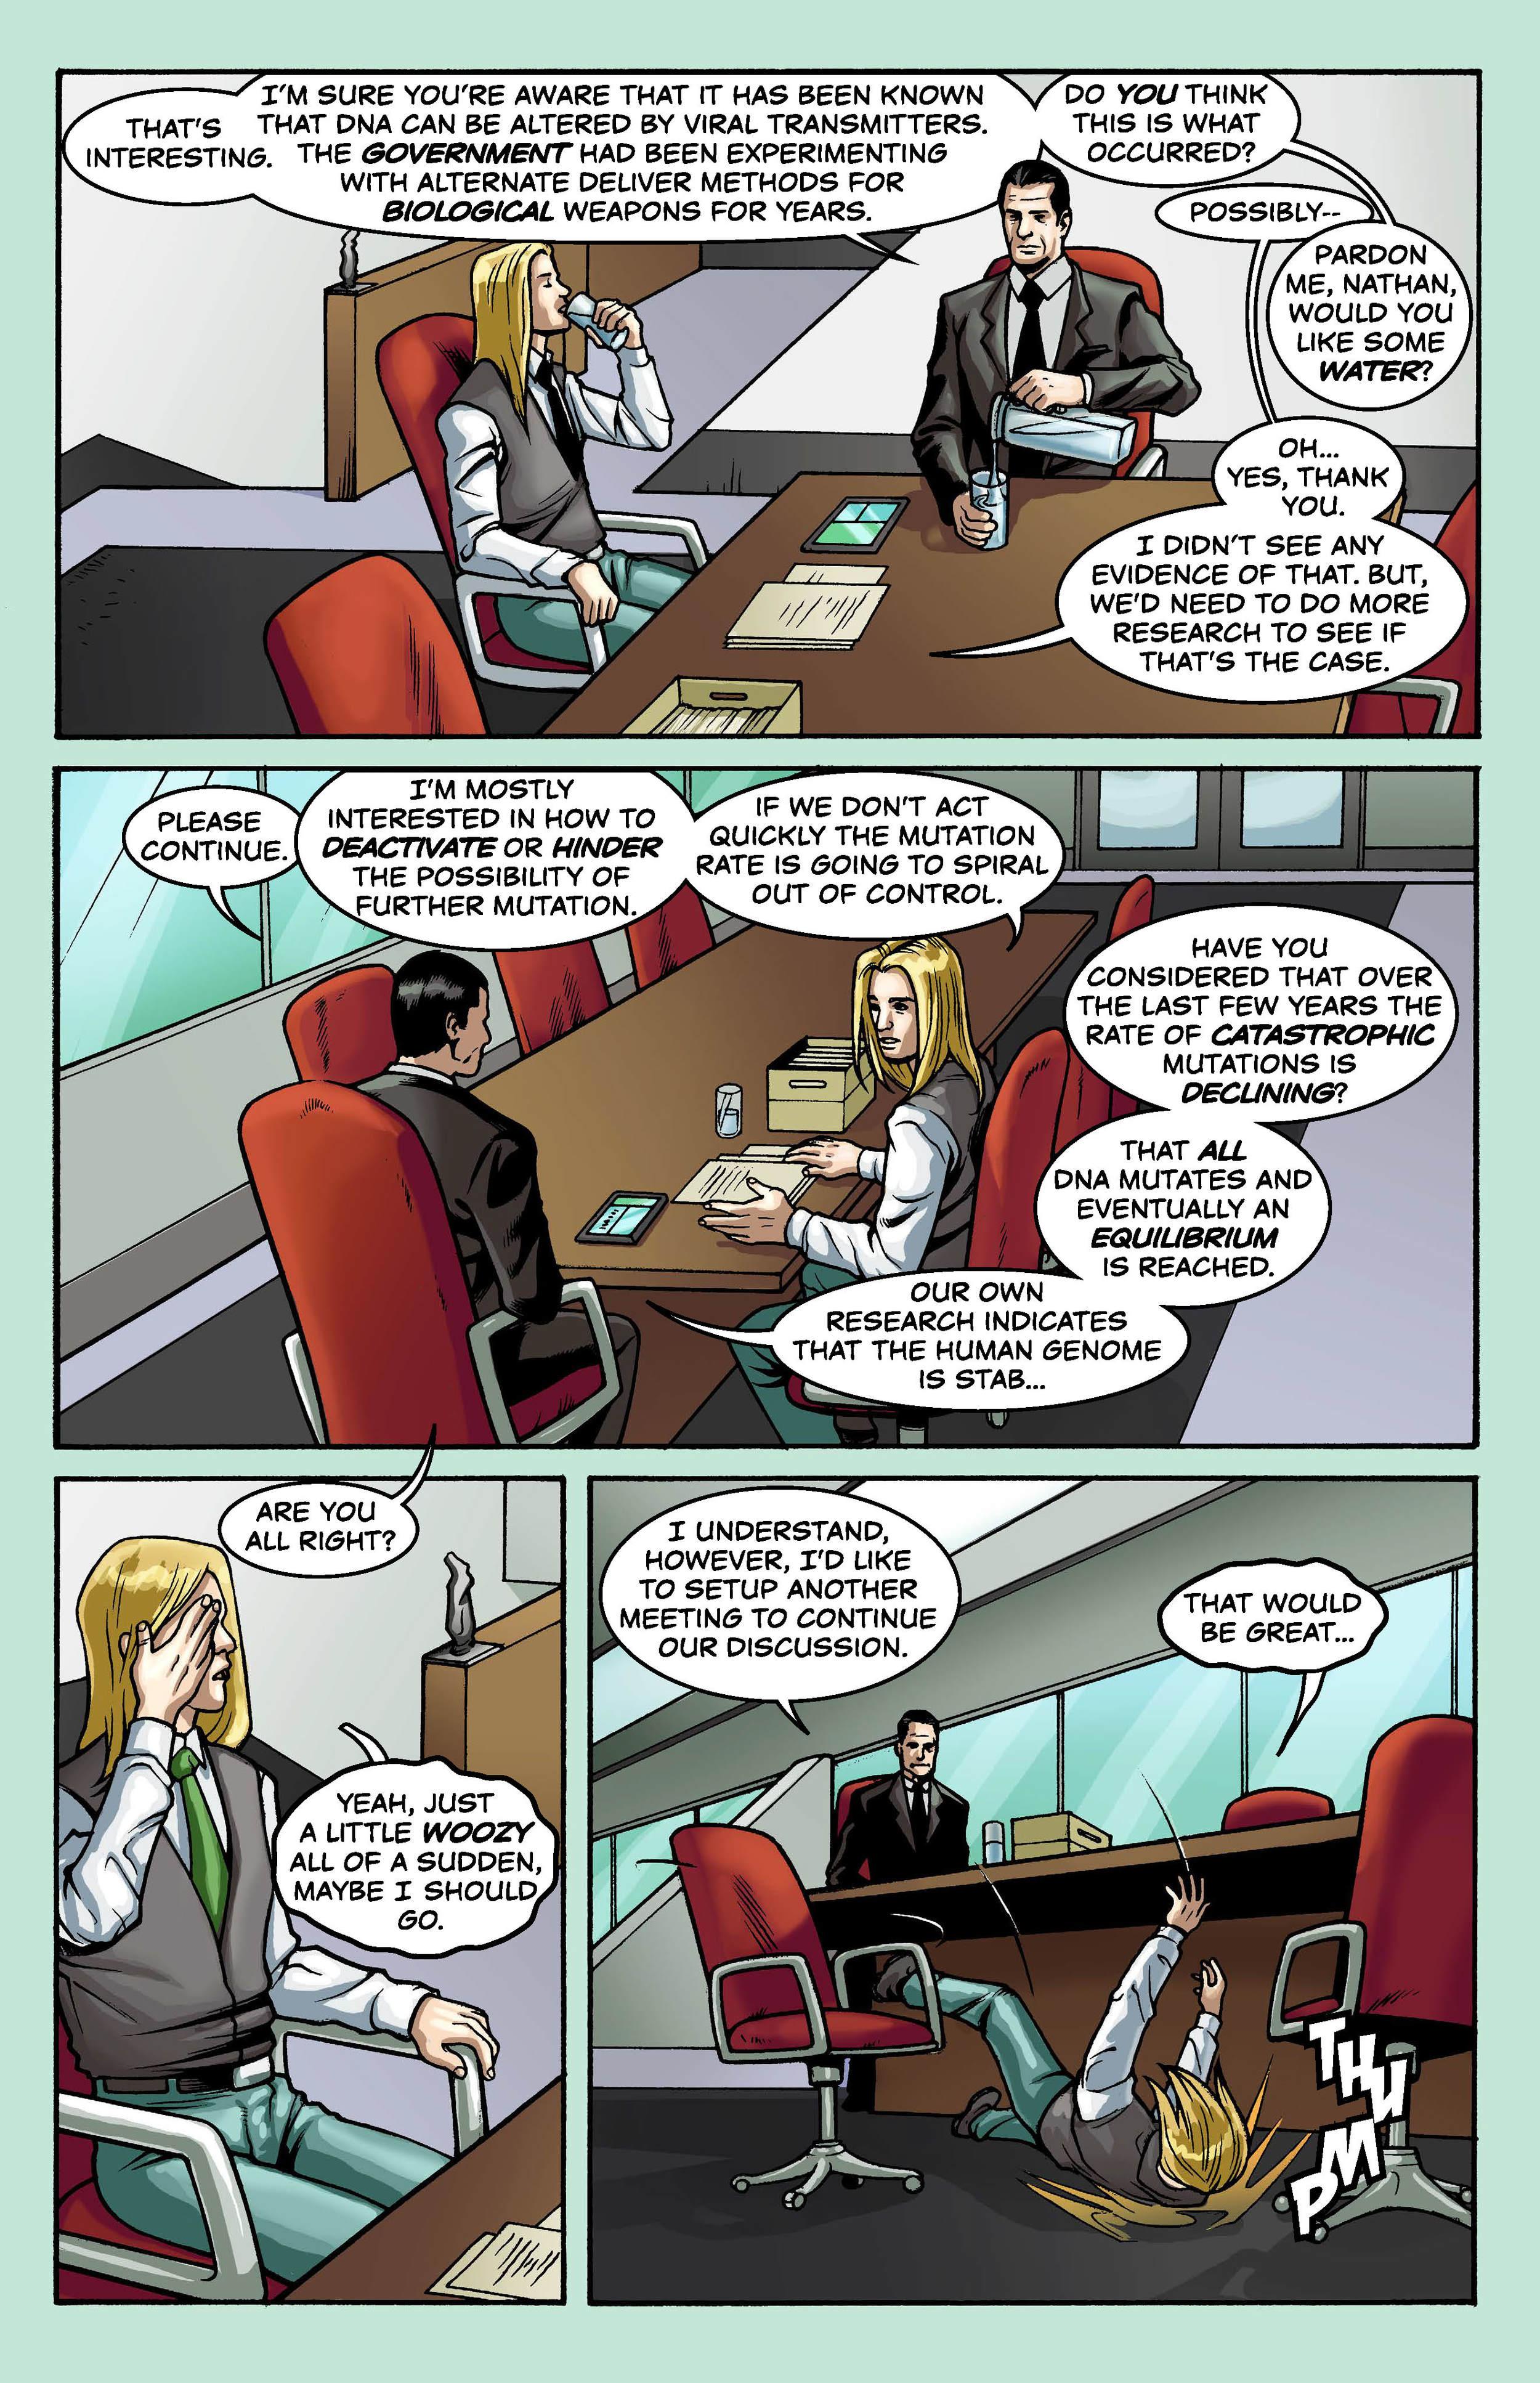 TT_Issue03_Digital_Page_22.jpg